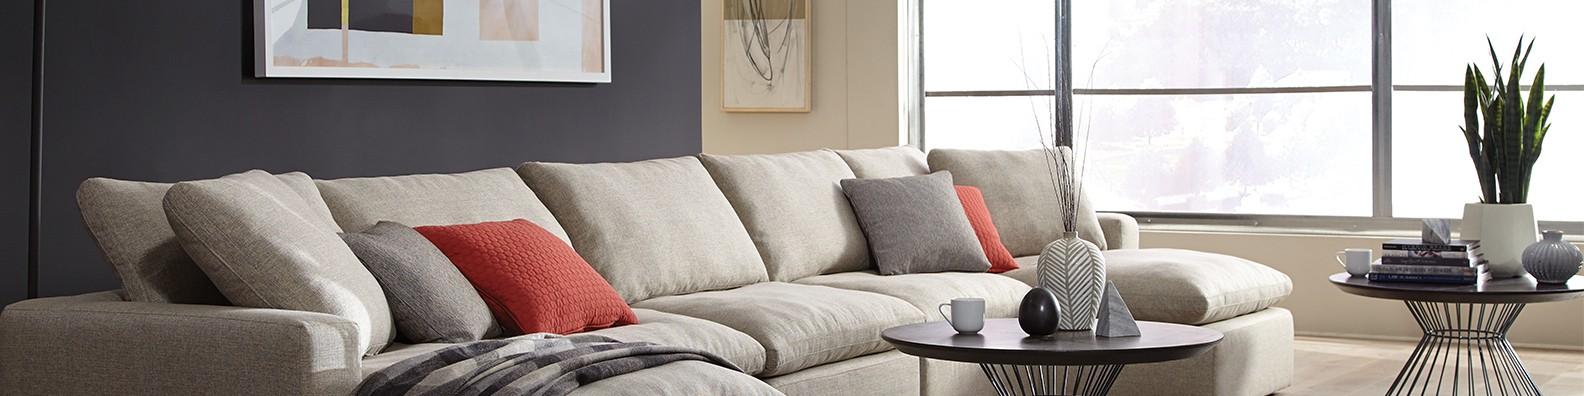 Palliser Furniture Upholstery Ltd.  LinkedIn